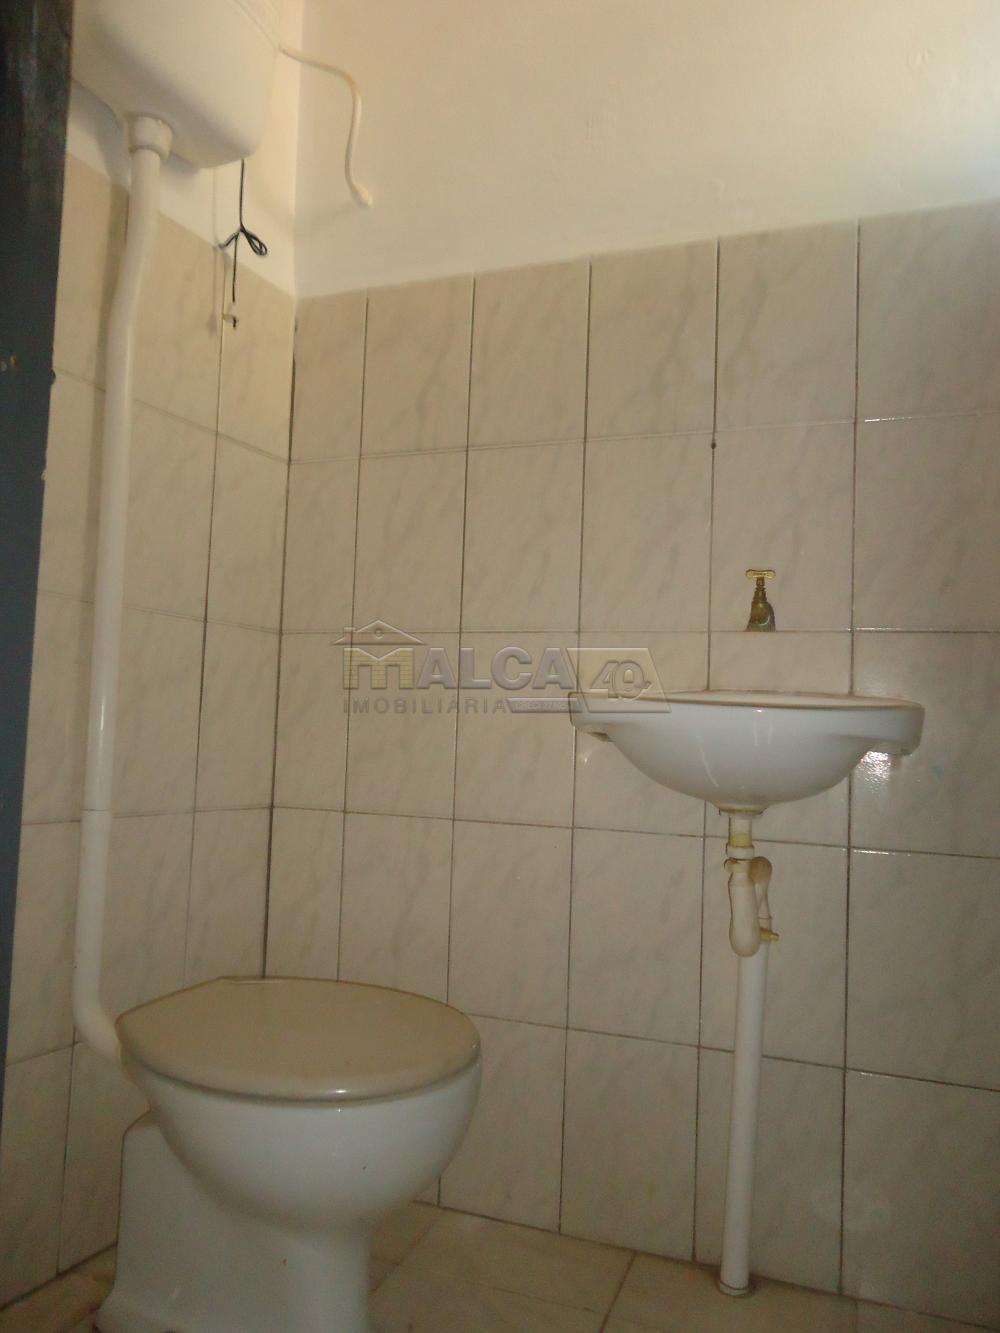 Alugar Casas / Padrão em São José do Rio Pardo R$ 800,00 - Foto 12